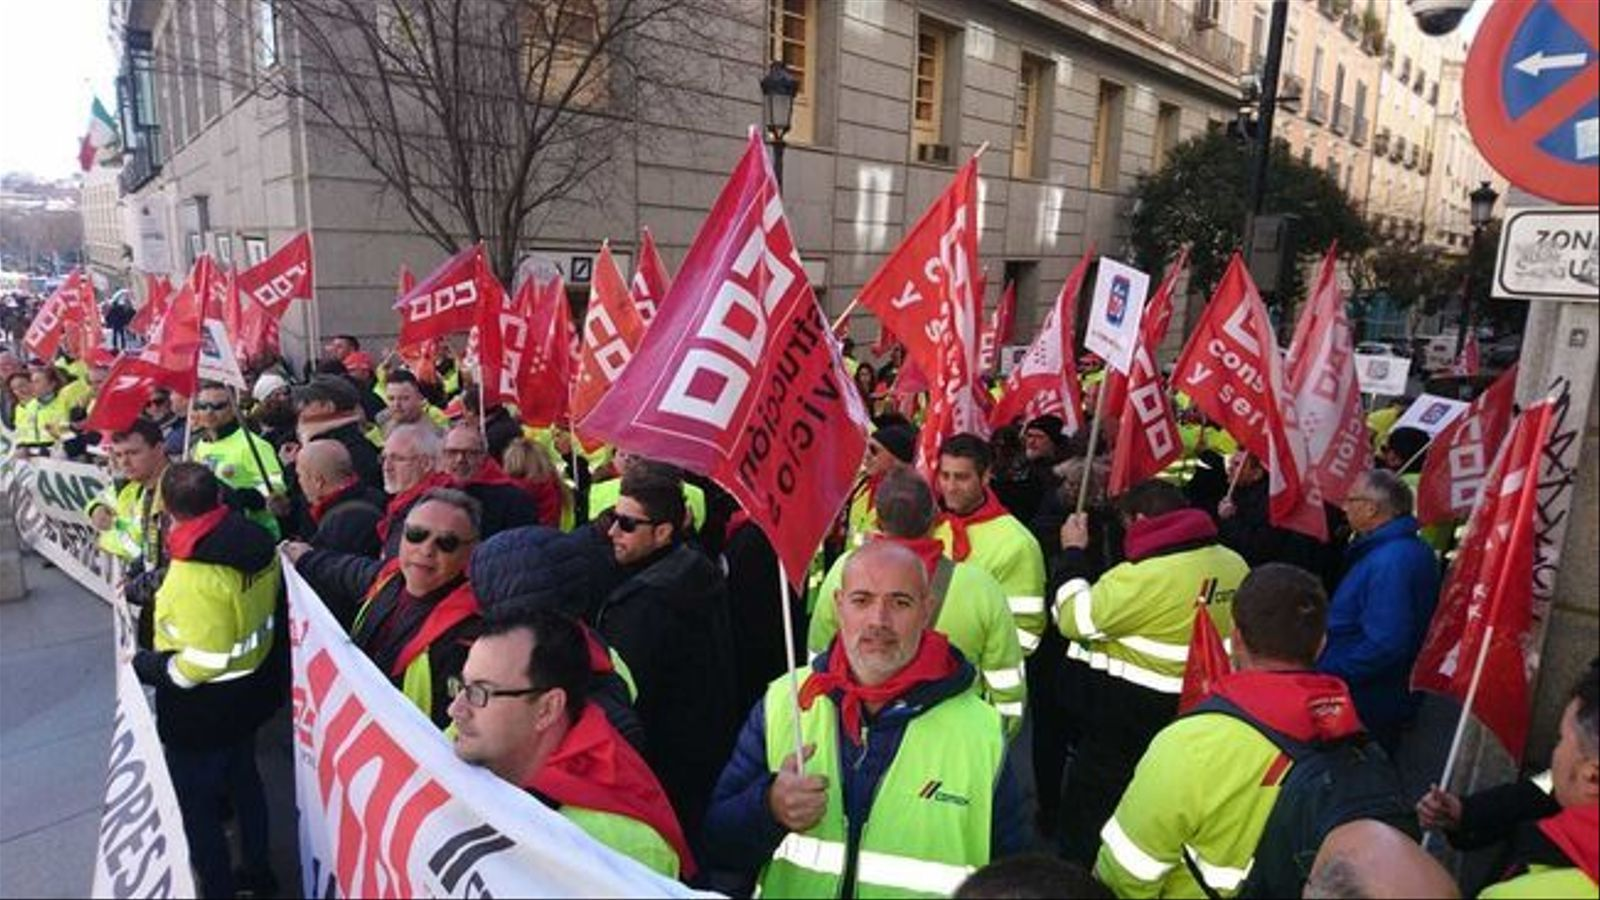 Treballadors de Cemex protestant a Madrid contra el tancament de la planta de Lloseta.